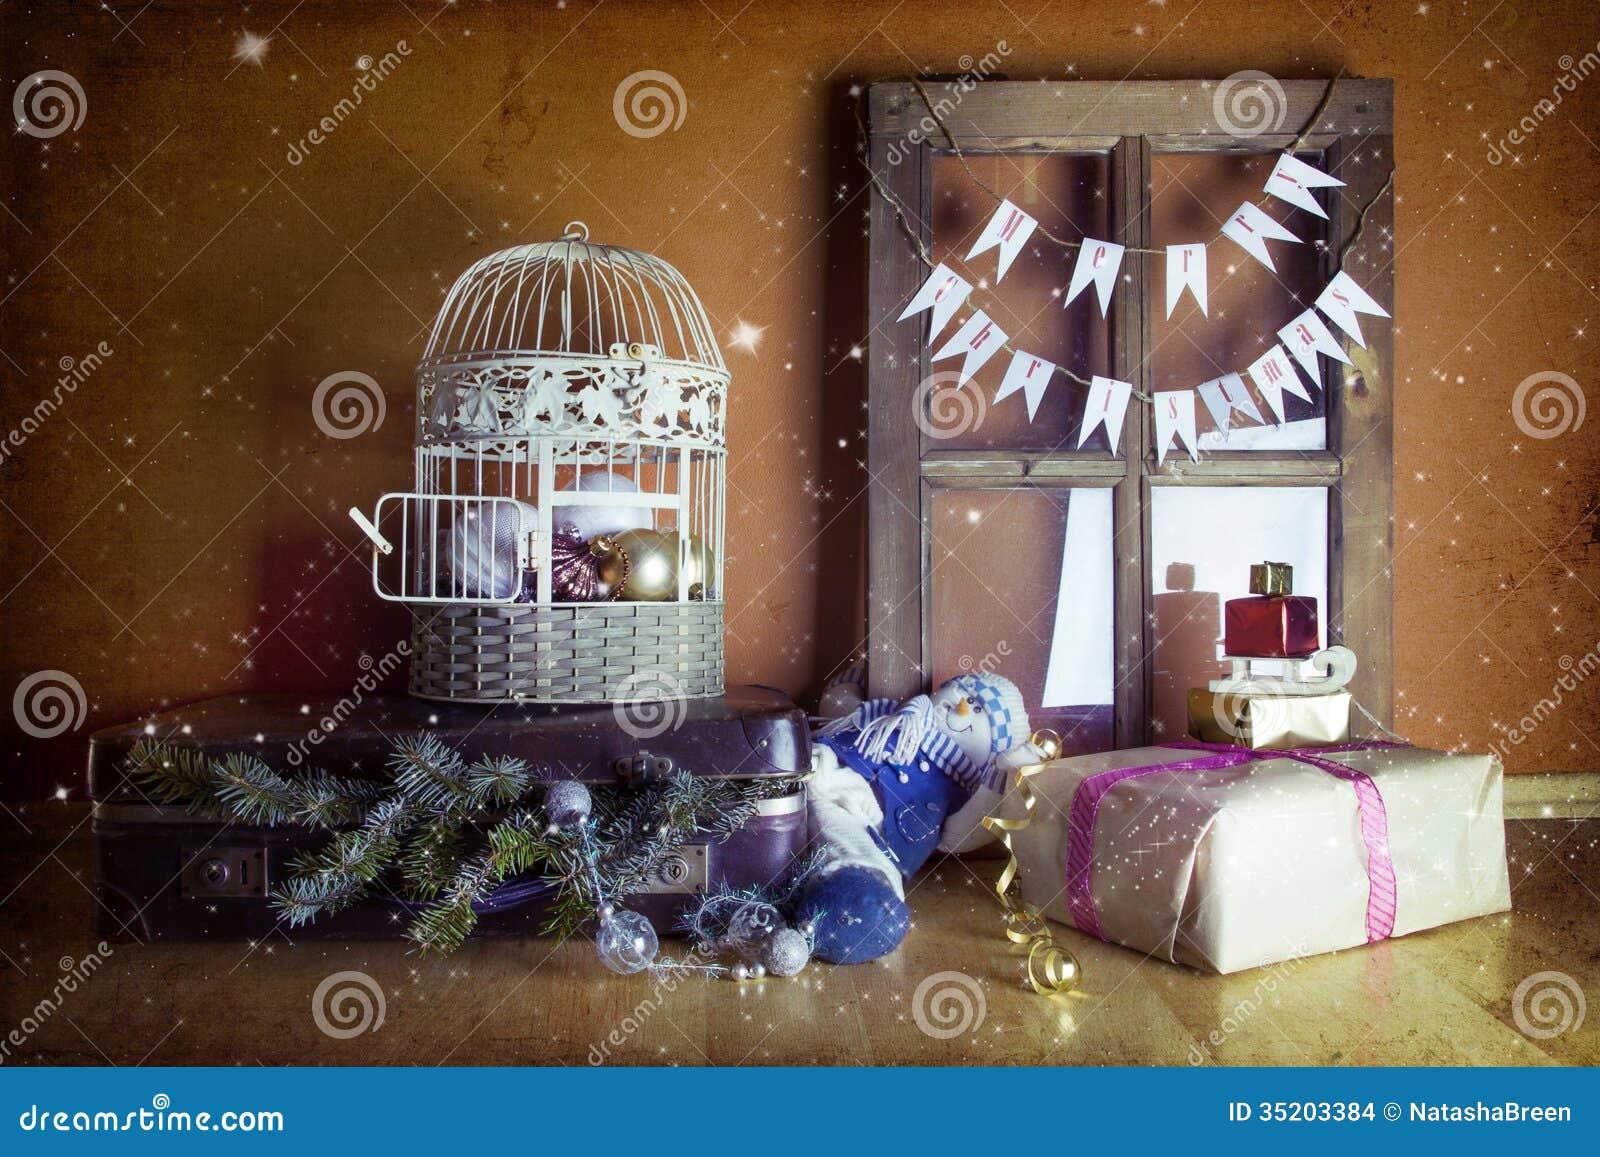 #6B4223 Décoration De Noël De Vintage Avec La Valise La Fenêtre  6129 decoration de noel vintage 1300x957 px @ aertt.com